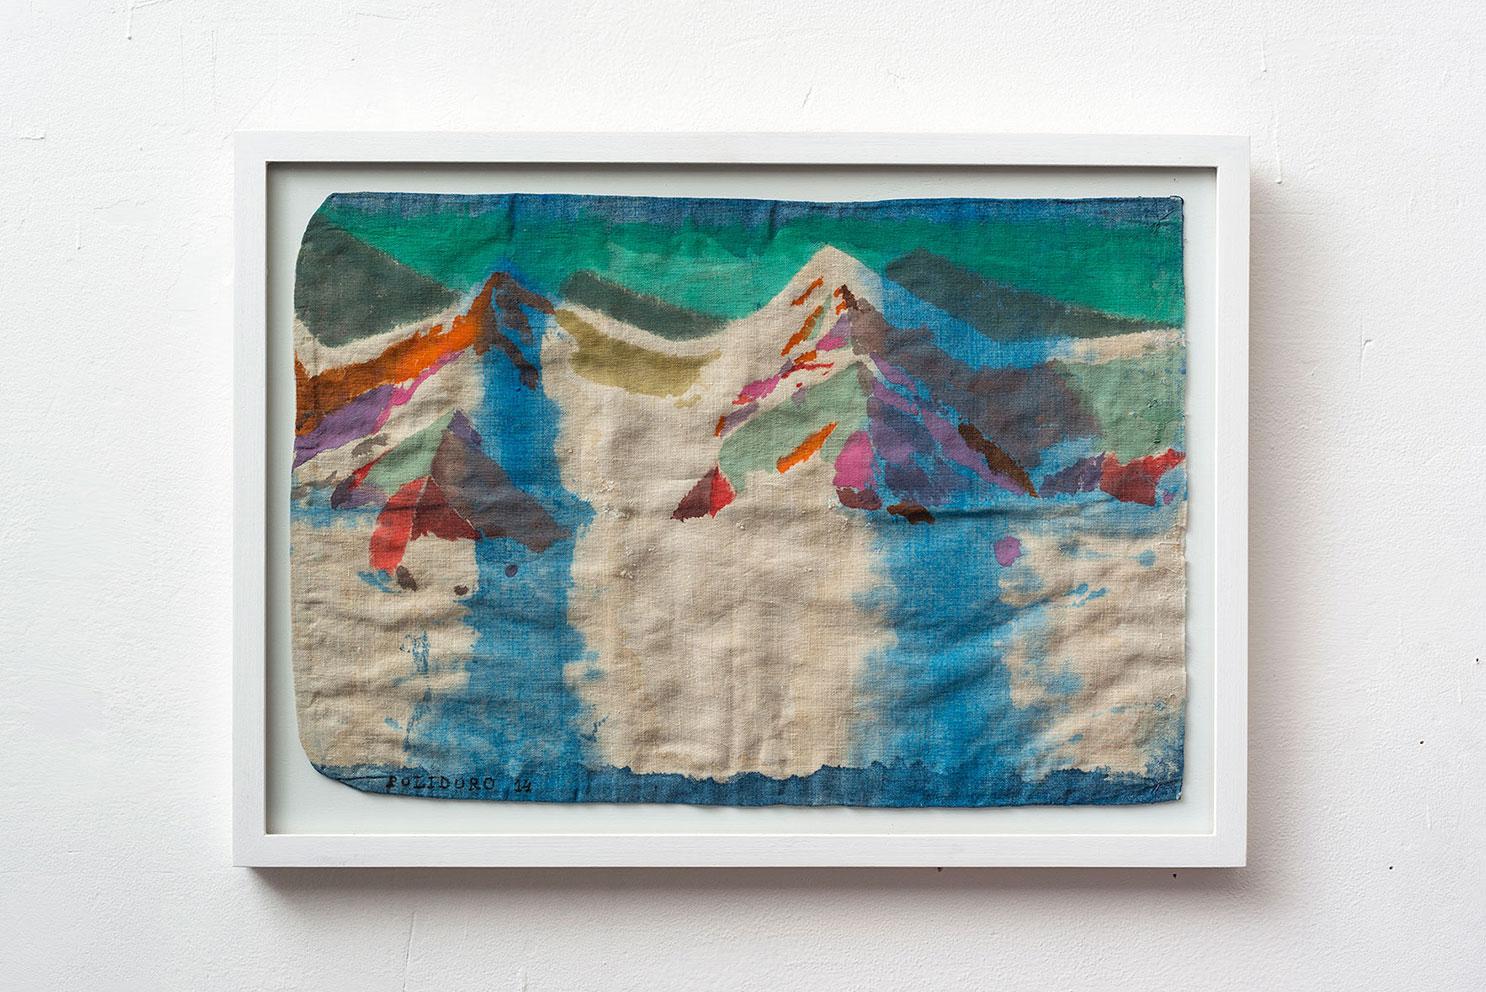 1_cartography_6c-montagne-i-bianco-primo-piano-2014-pigmenti-su-tela-di-lino-incorniciato-sotto-vetro-45-x-625